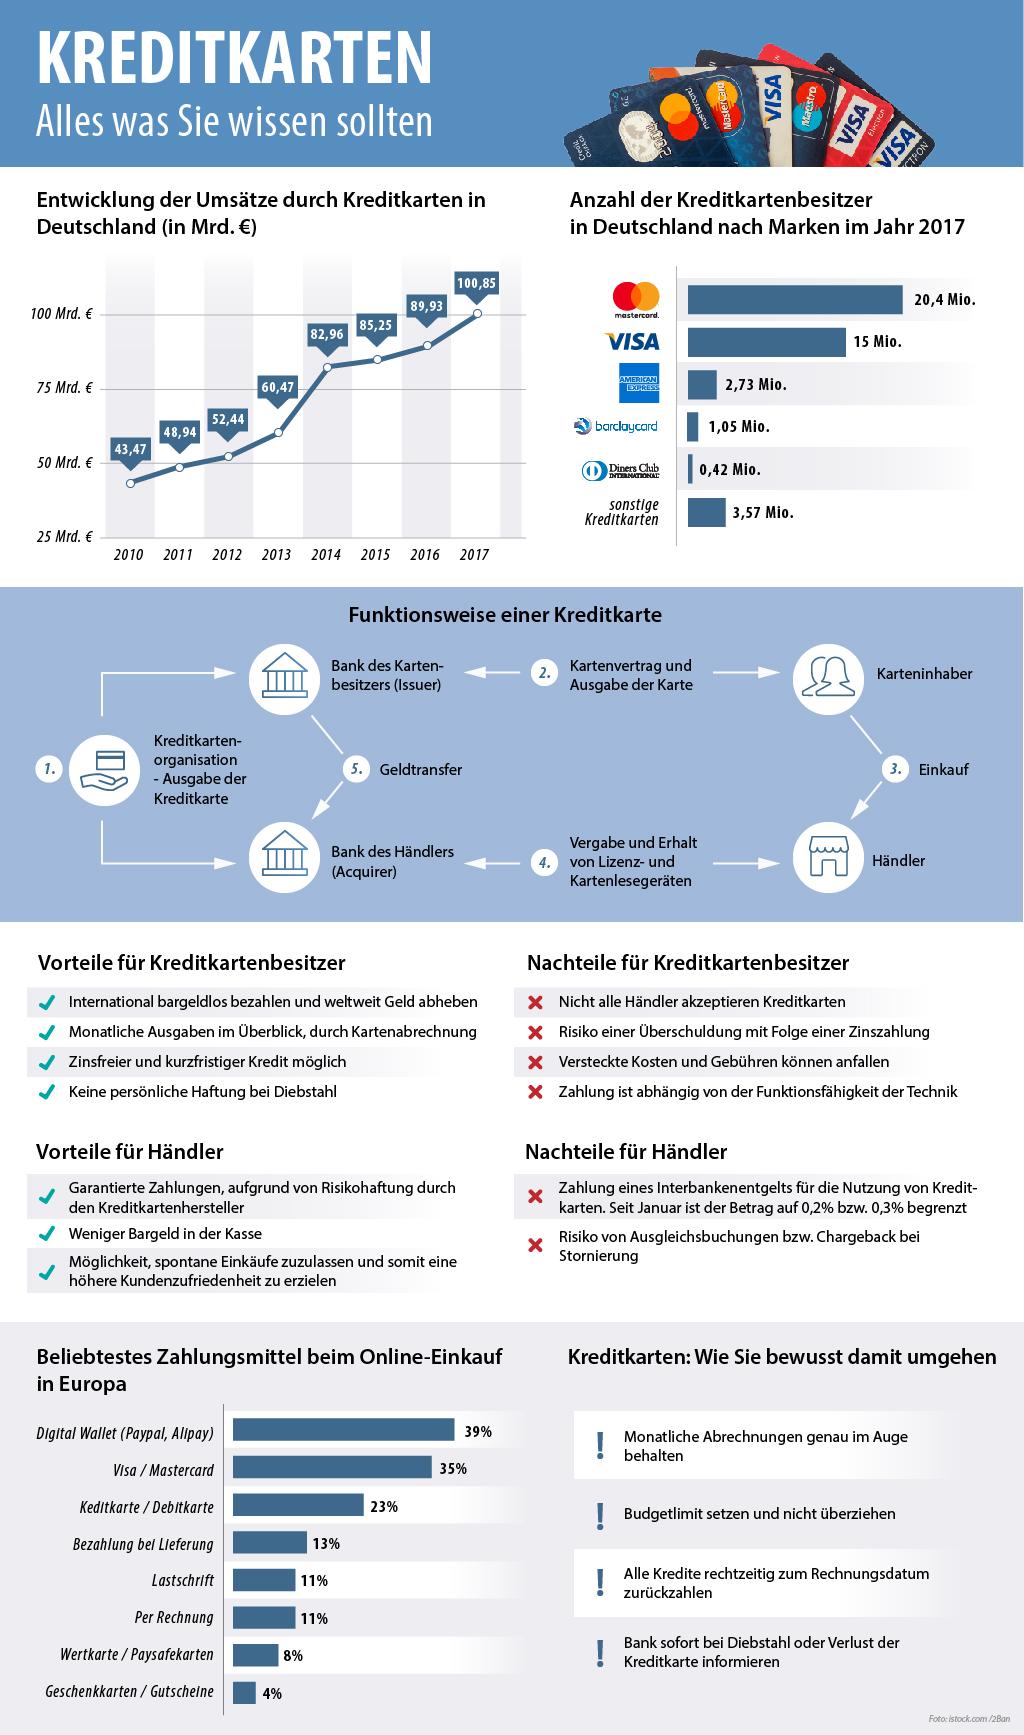 Infografik von smava zum Thema Kreditkarten in Deutschland